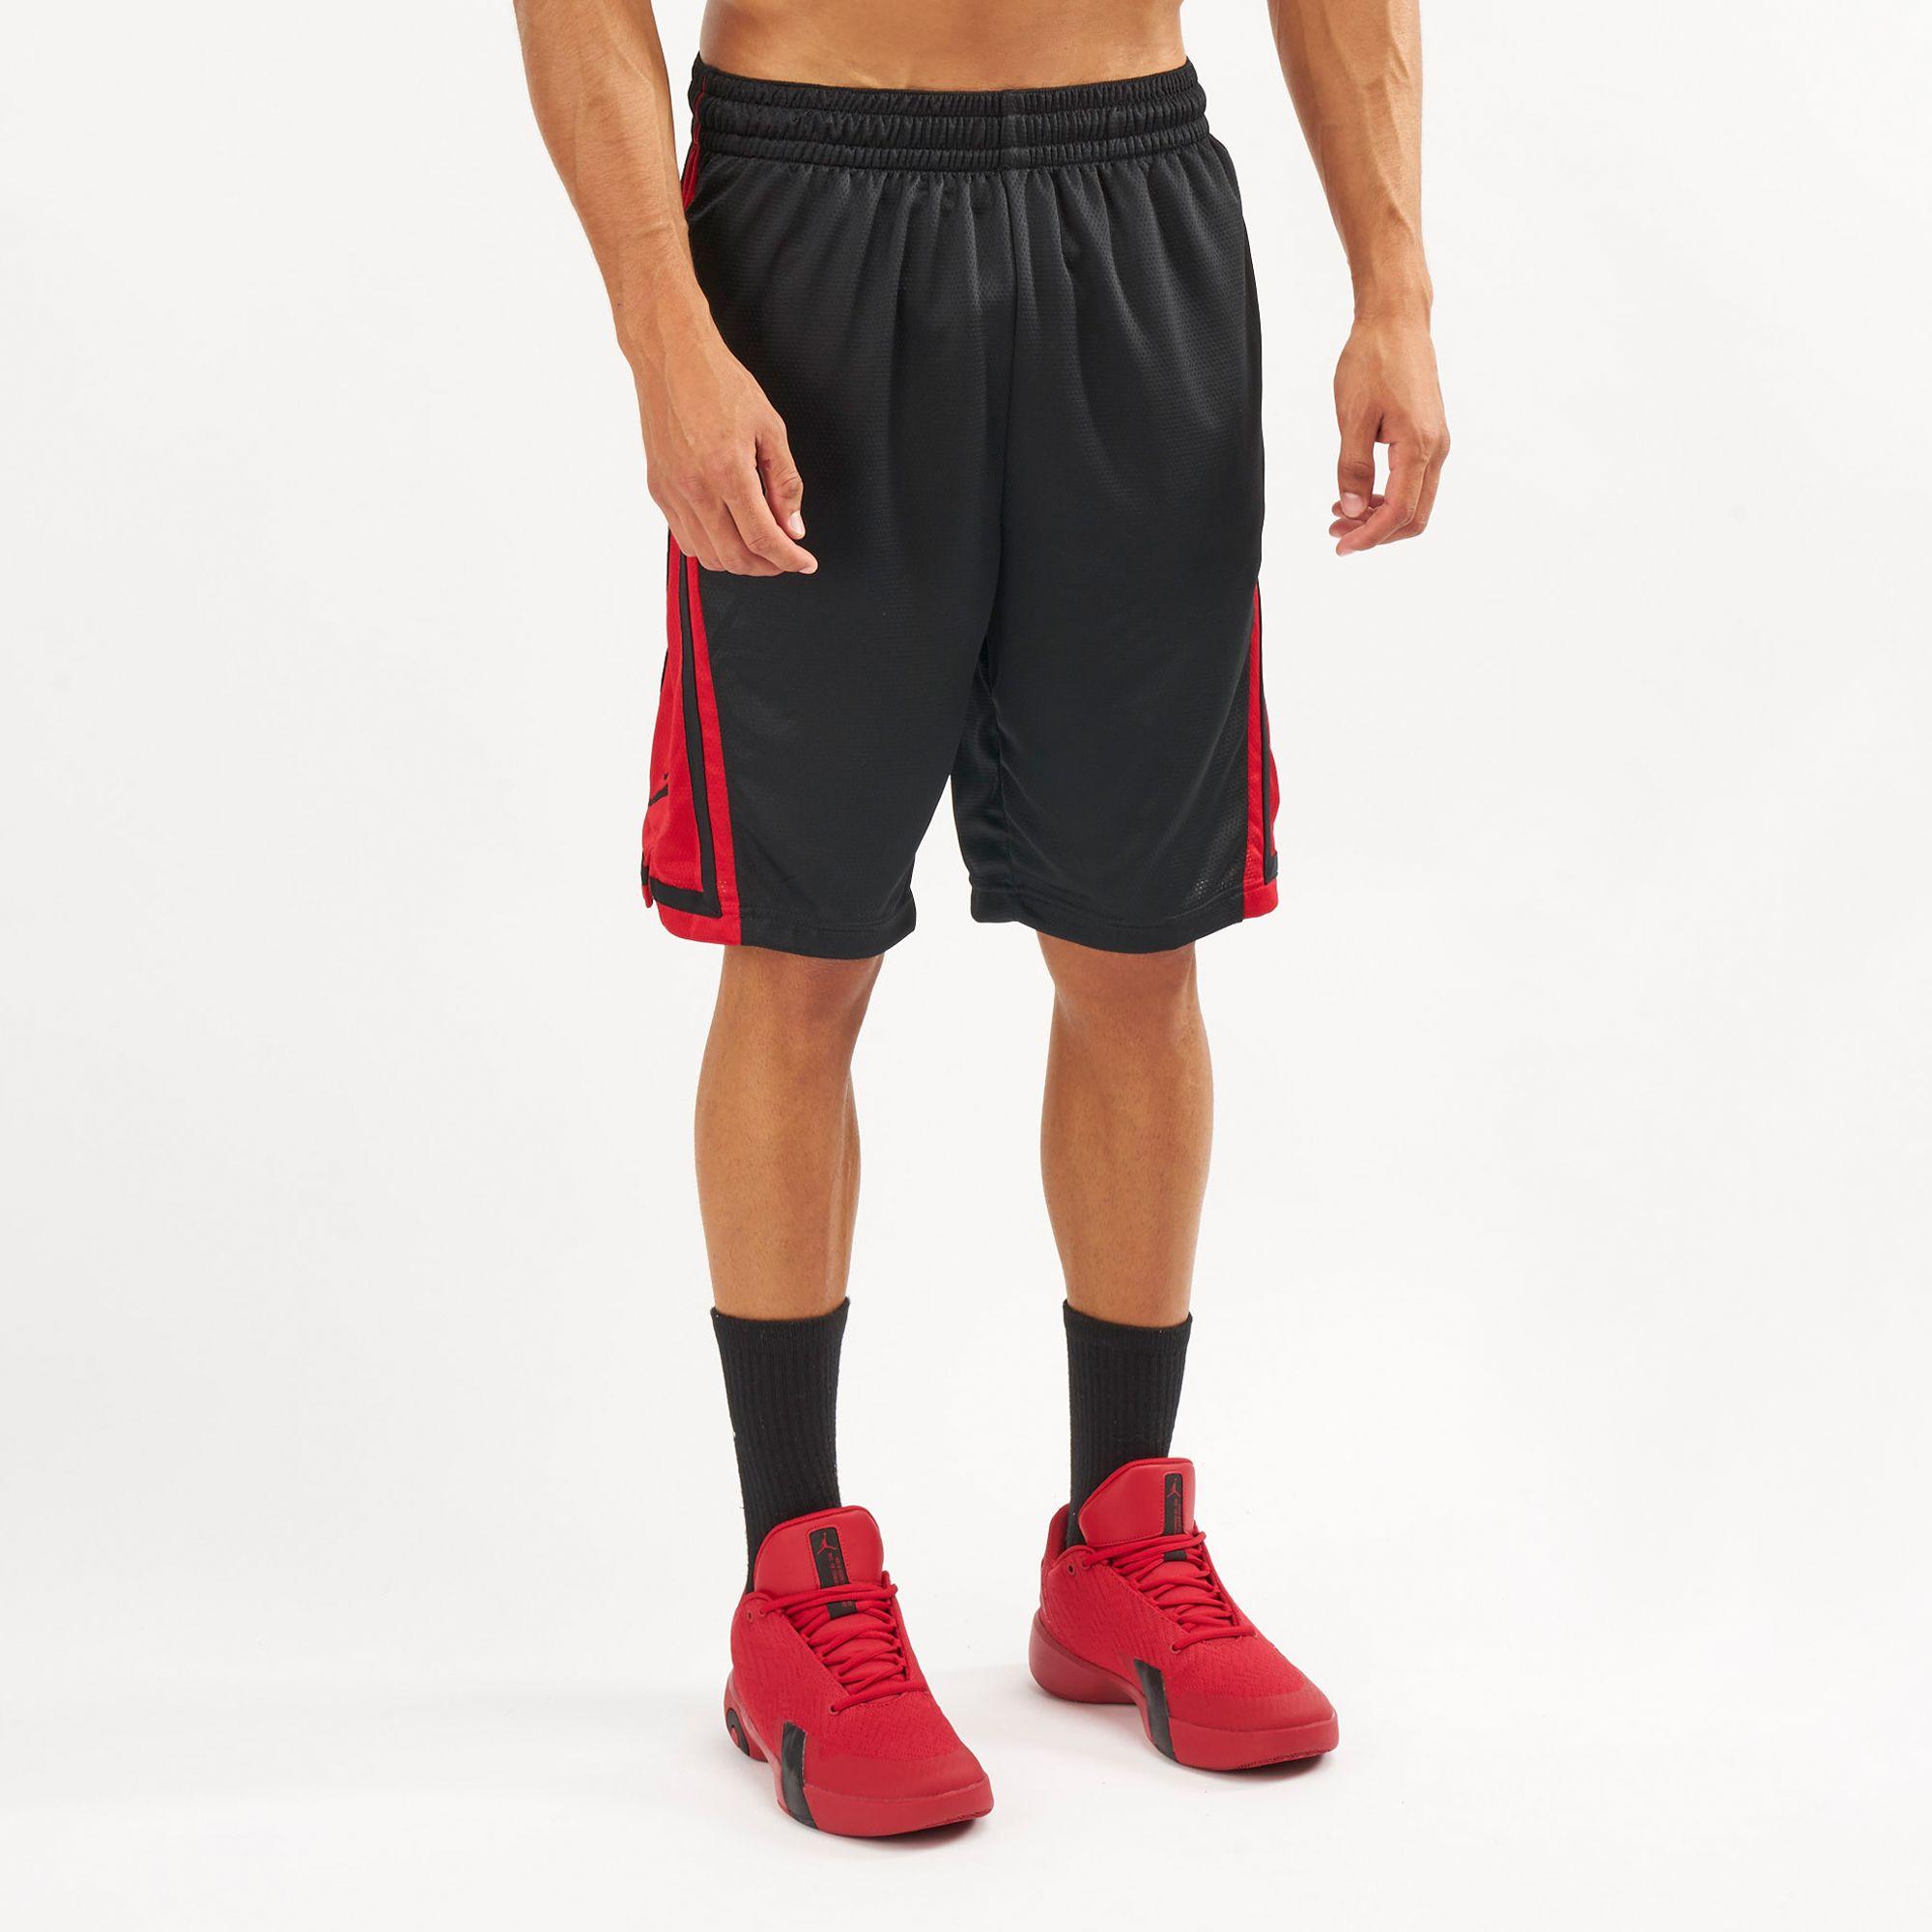 2fd03893c3d Jordan Men's Dri-FIT Franchise Basketball Shorts   Shorts   Clothing ...